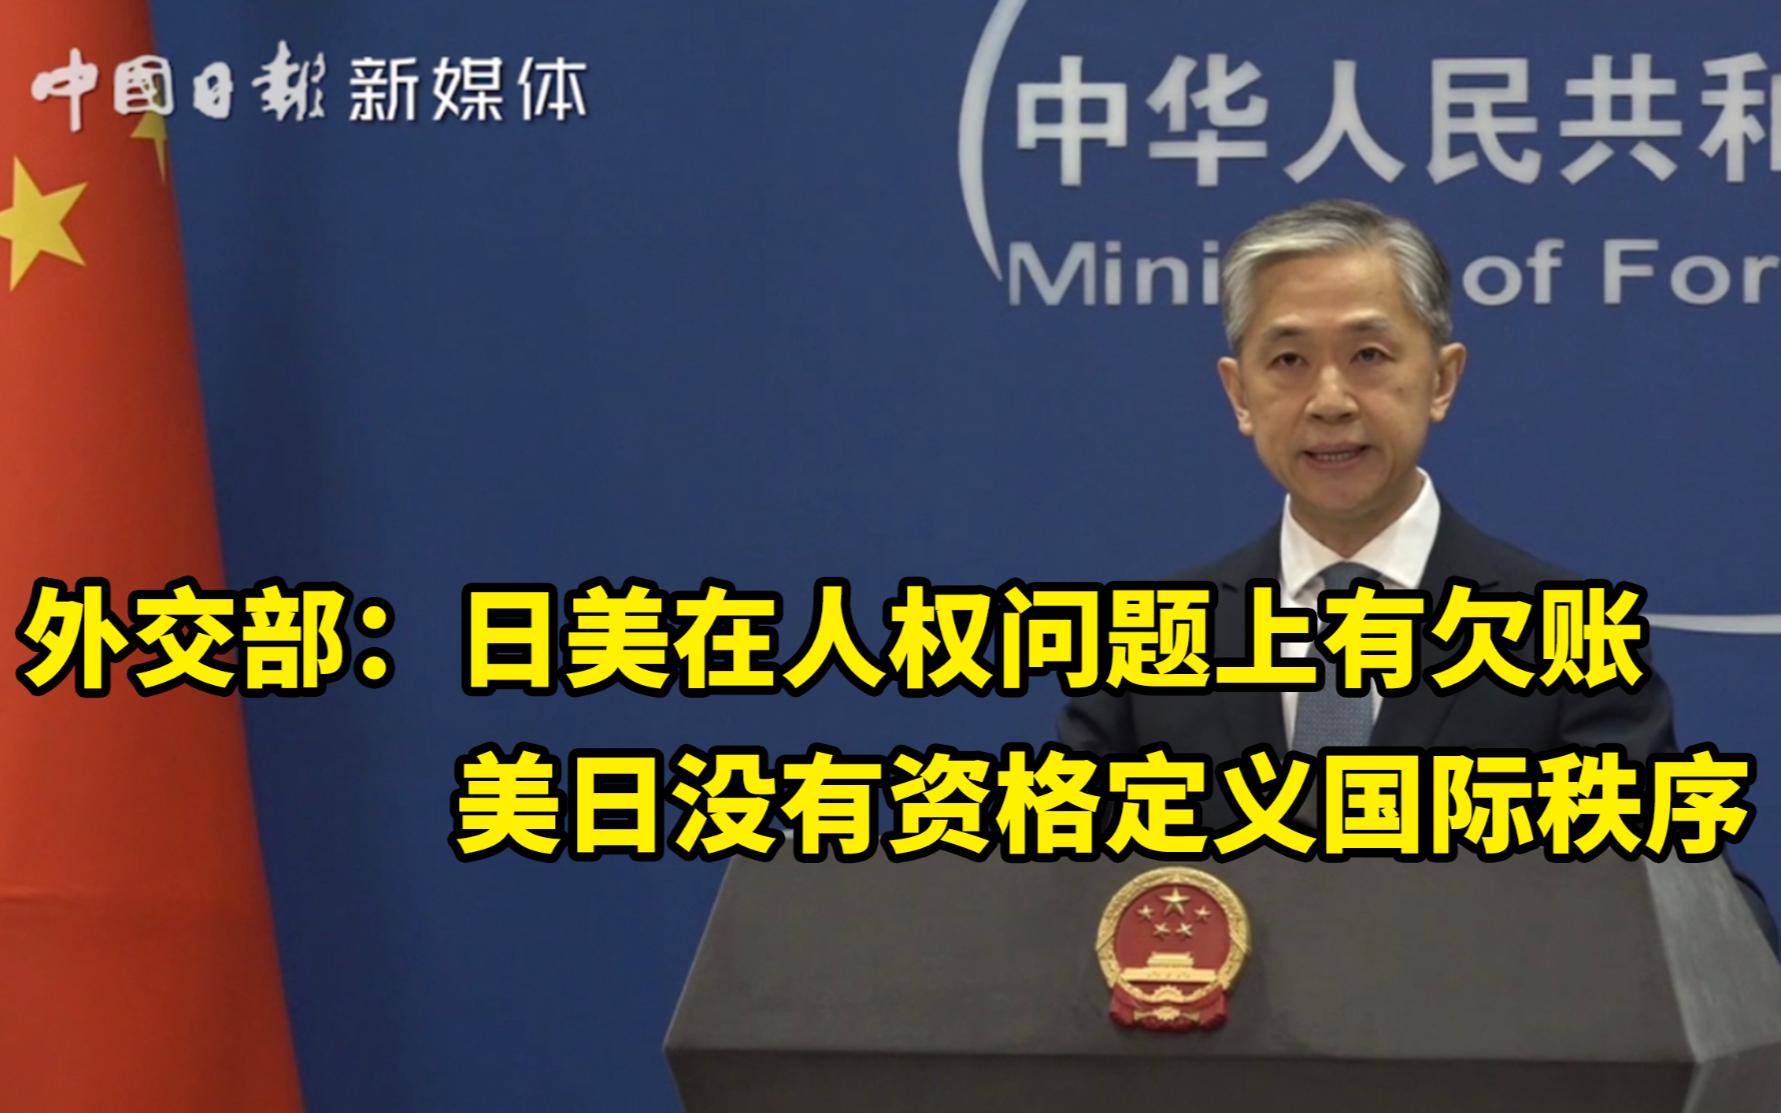 外交部:日美在人权问题上有欠账 美日没有资格定义国际秩序